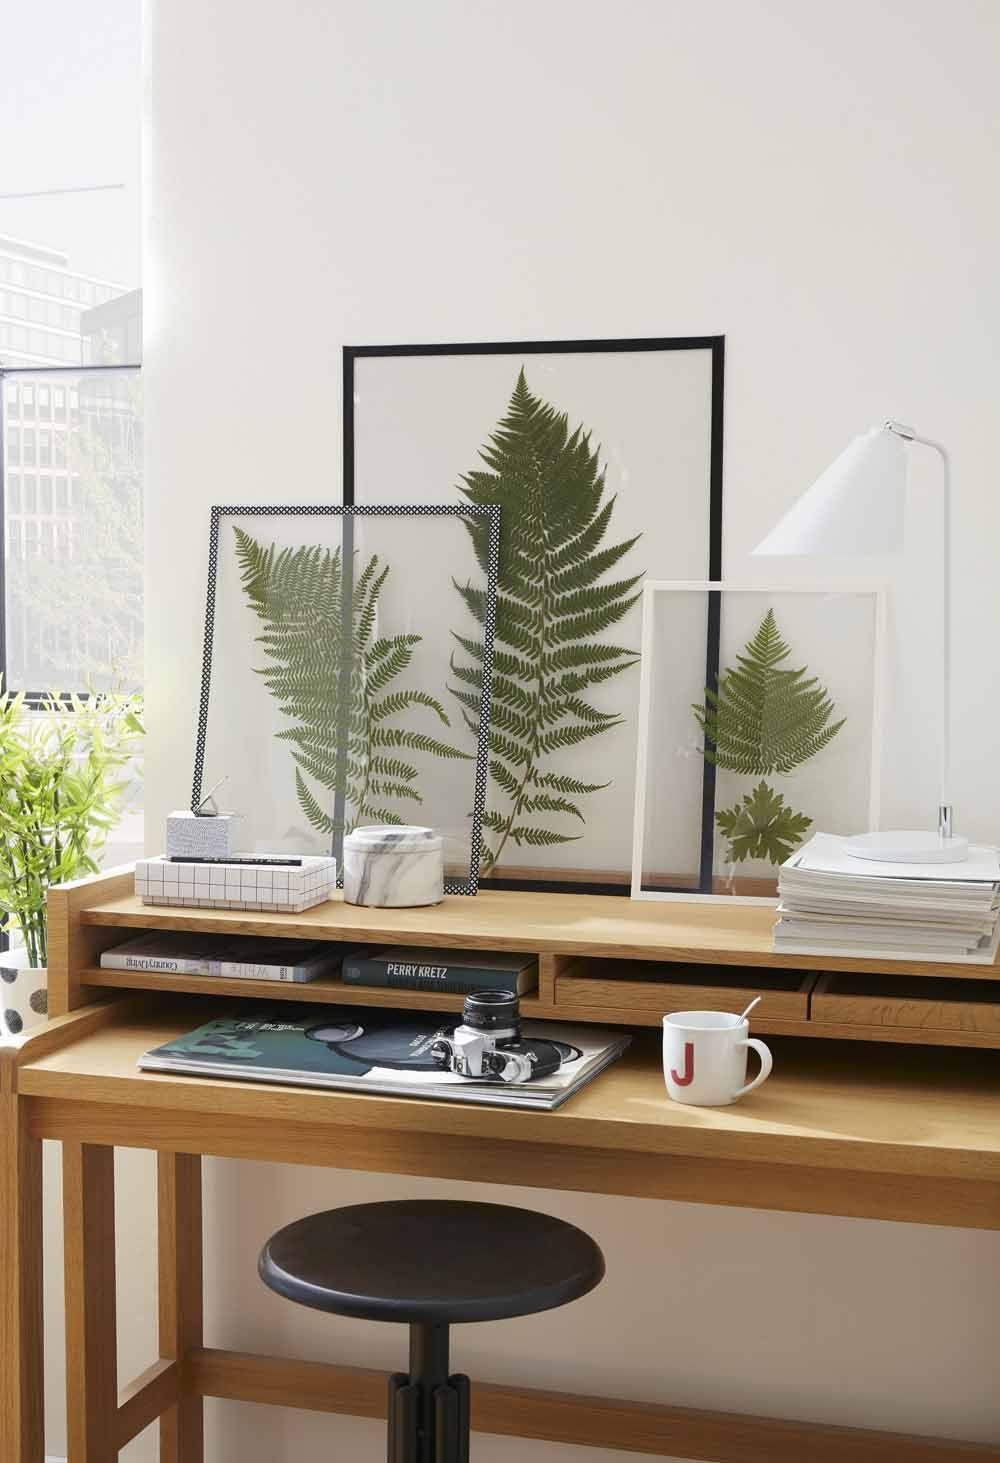 Wohnzimmerwandrahmen  ideen bilderrahmen zu verschönern  washi tape wand and washi